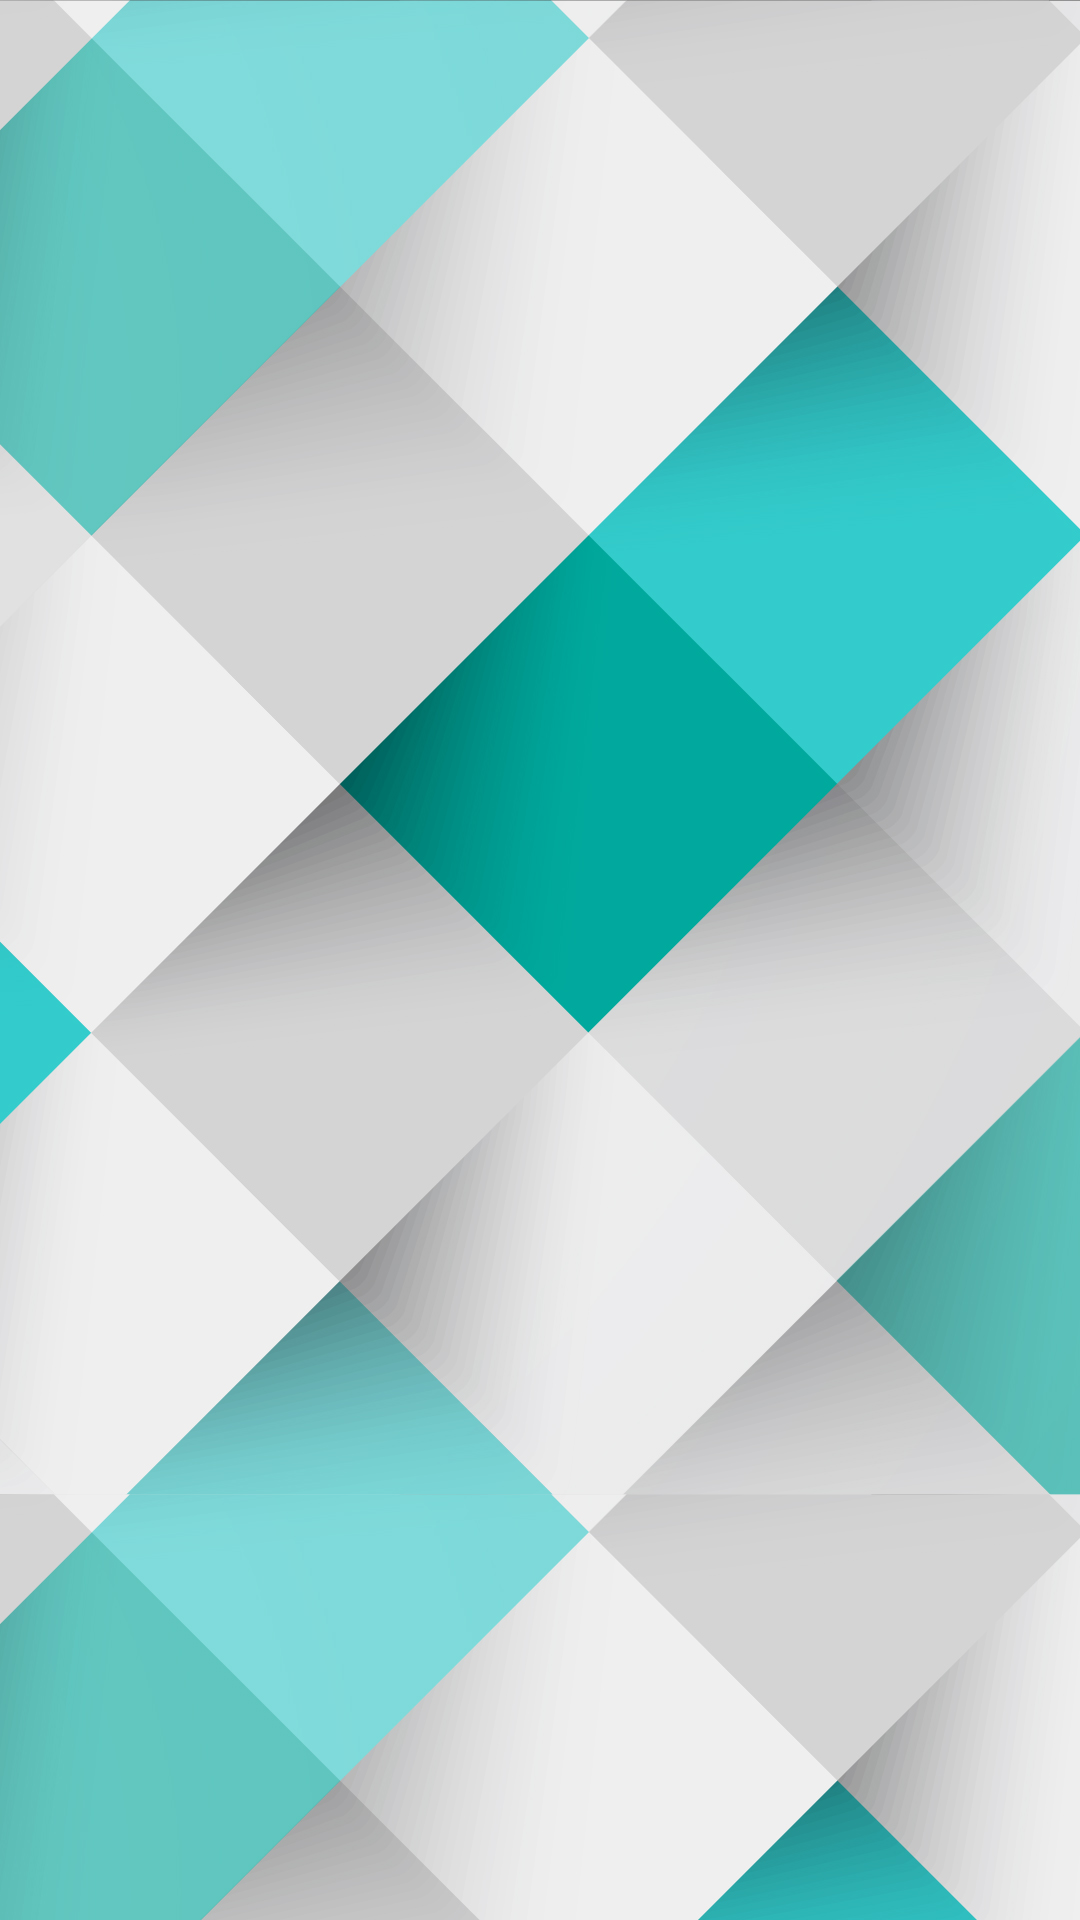 3D Tiles Phone Wallpaper